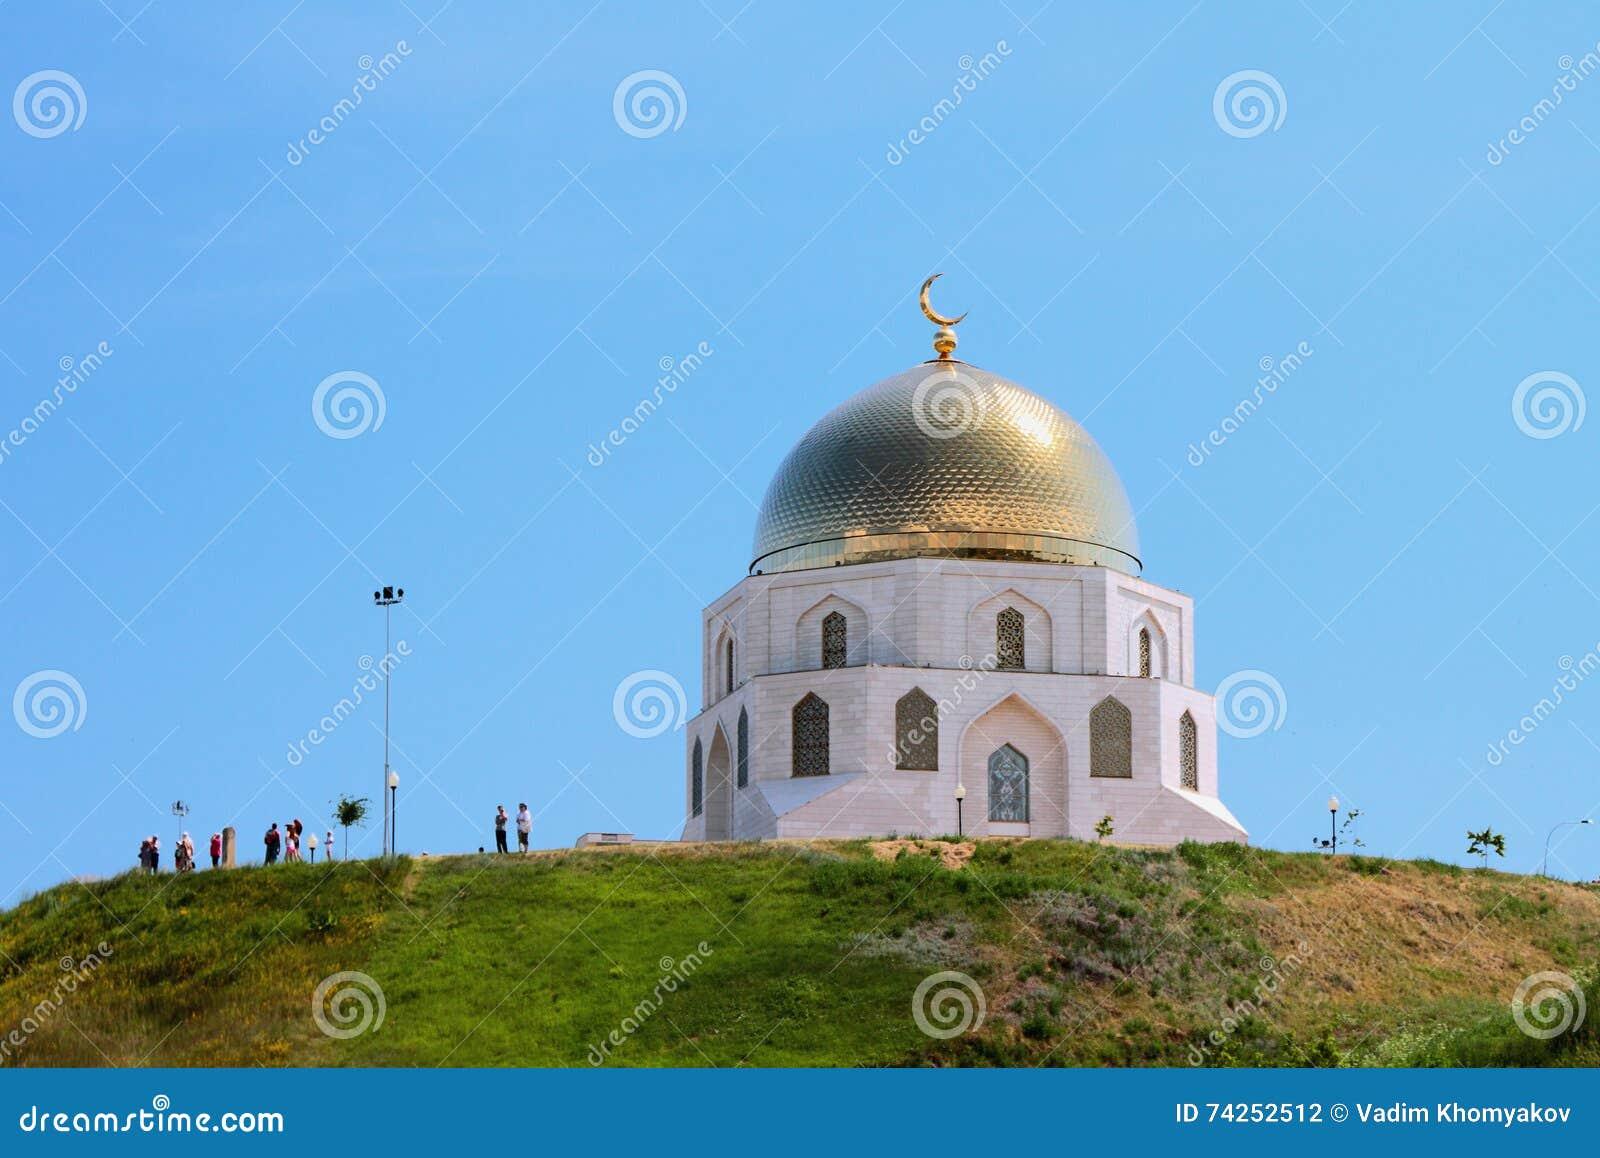 Muestra memorable en honor de la adopción del Islam por los bulgars Búlgaro, Rusia